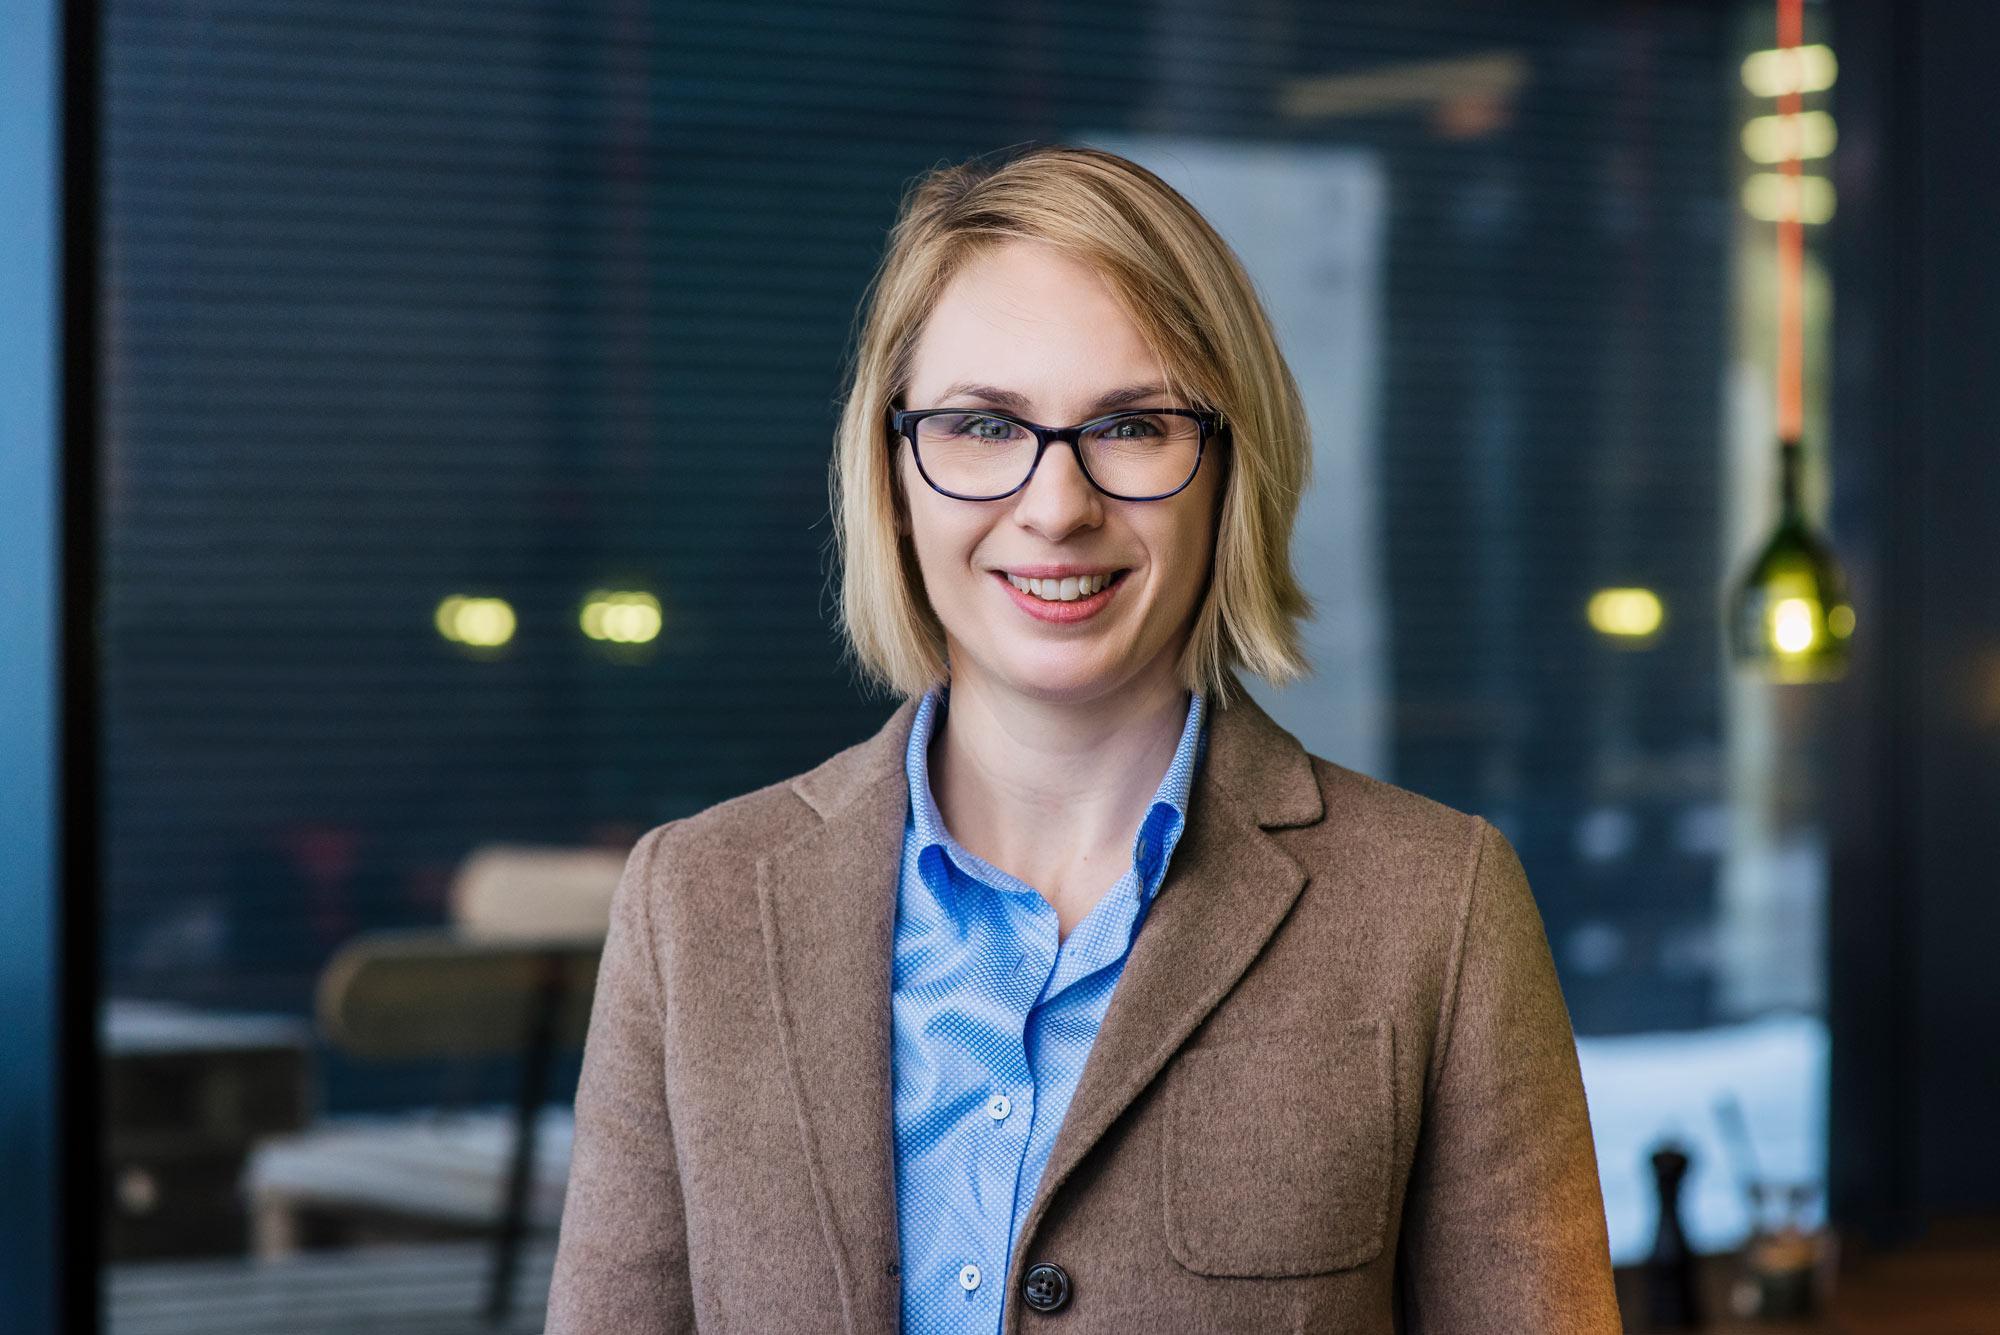 Mitarbeiterfoto, Team, Portrait, Webseite, people, Portraitfotografie, münchen, garching